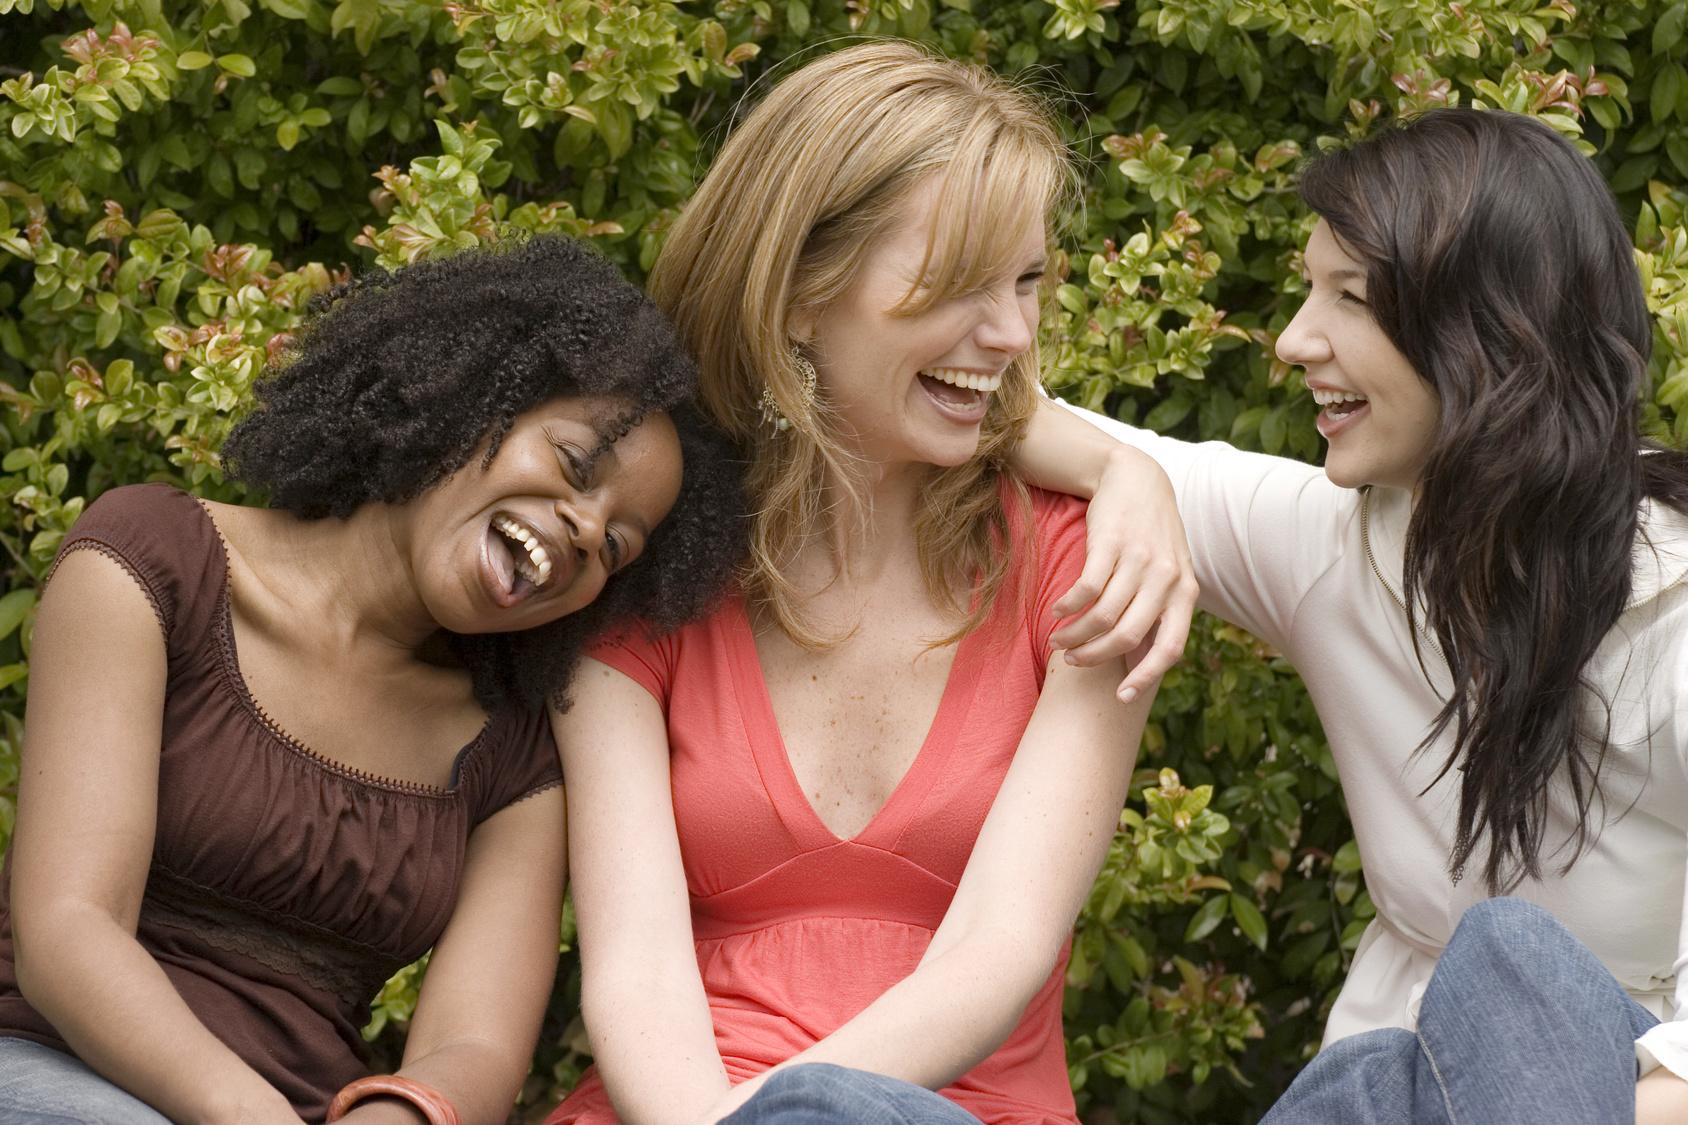 街コンレポート_3人の女性が笑っています